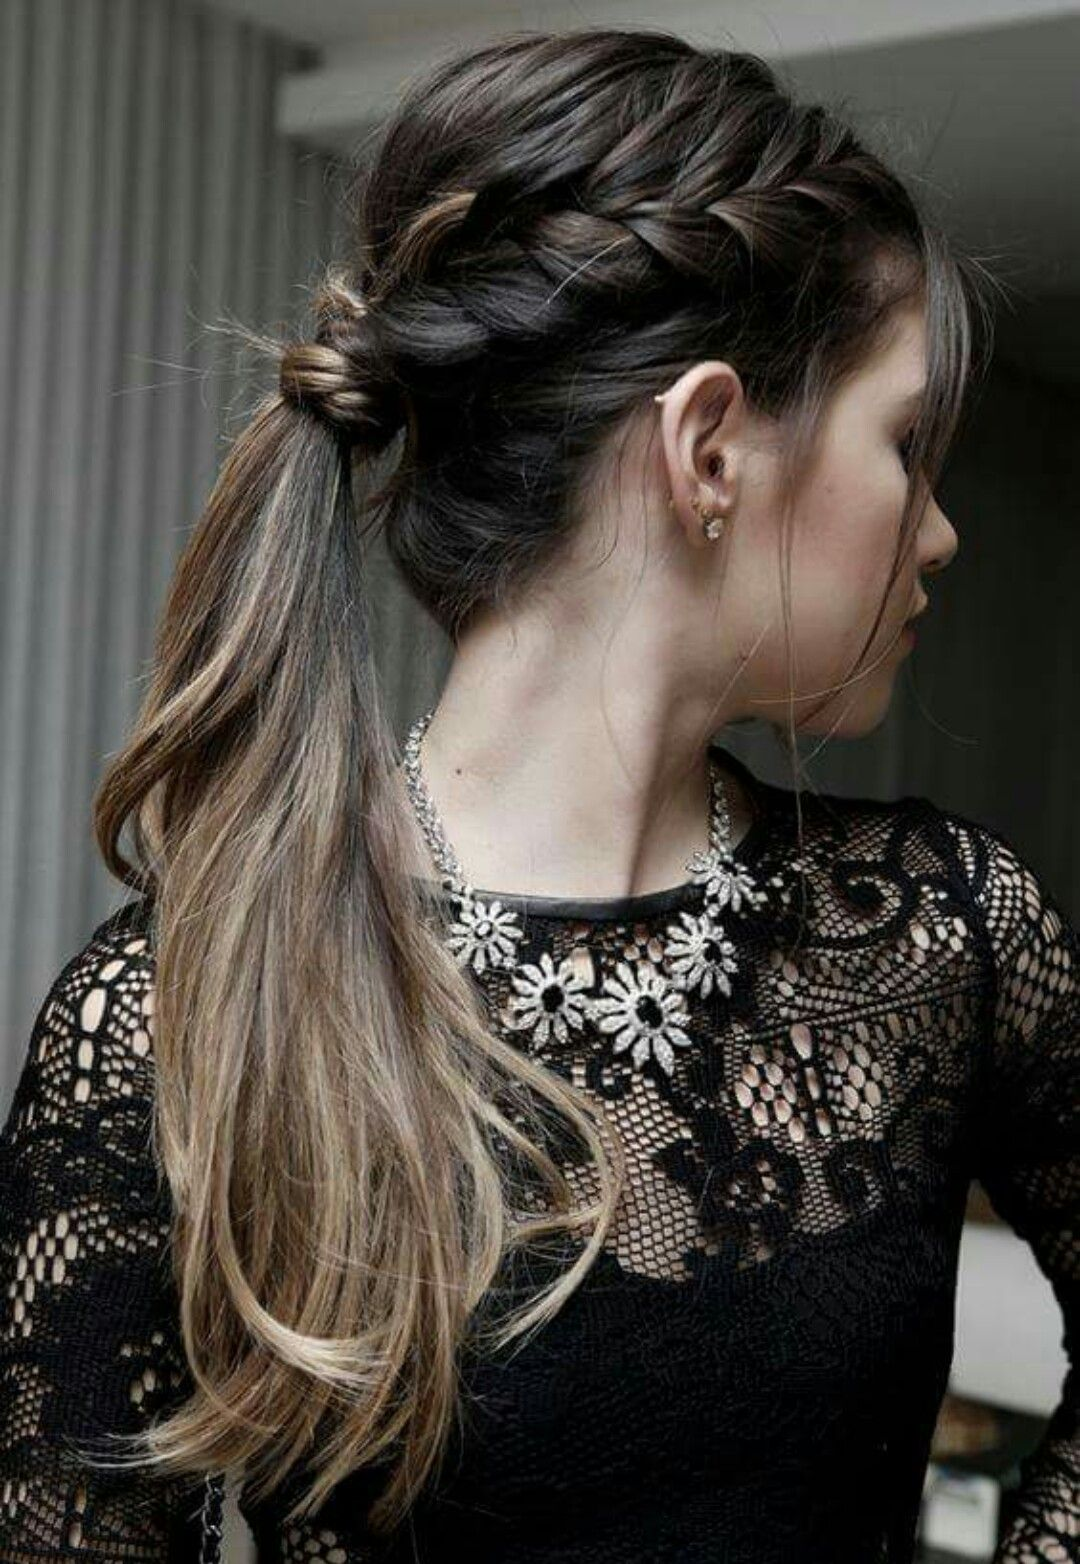 Cola de cabello cabello pinterest hair style makeup and hair cola de cabello solutioingenieria Image collections